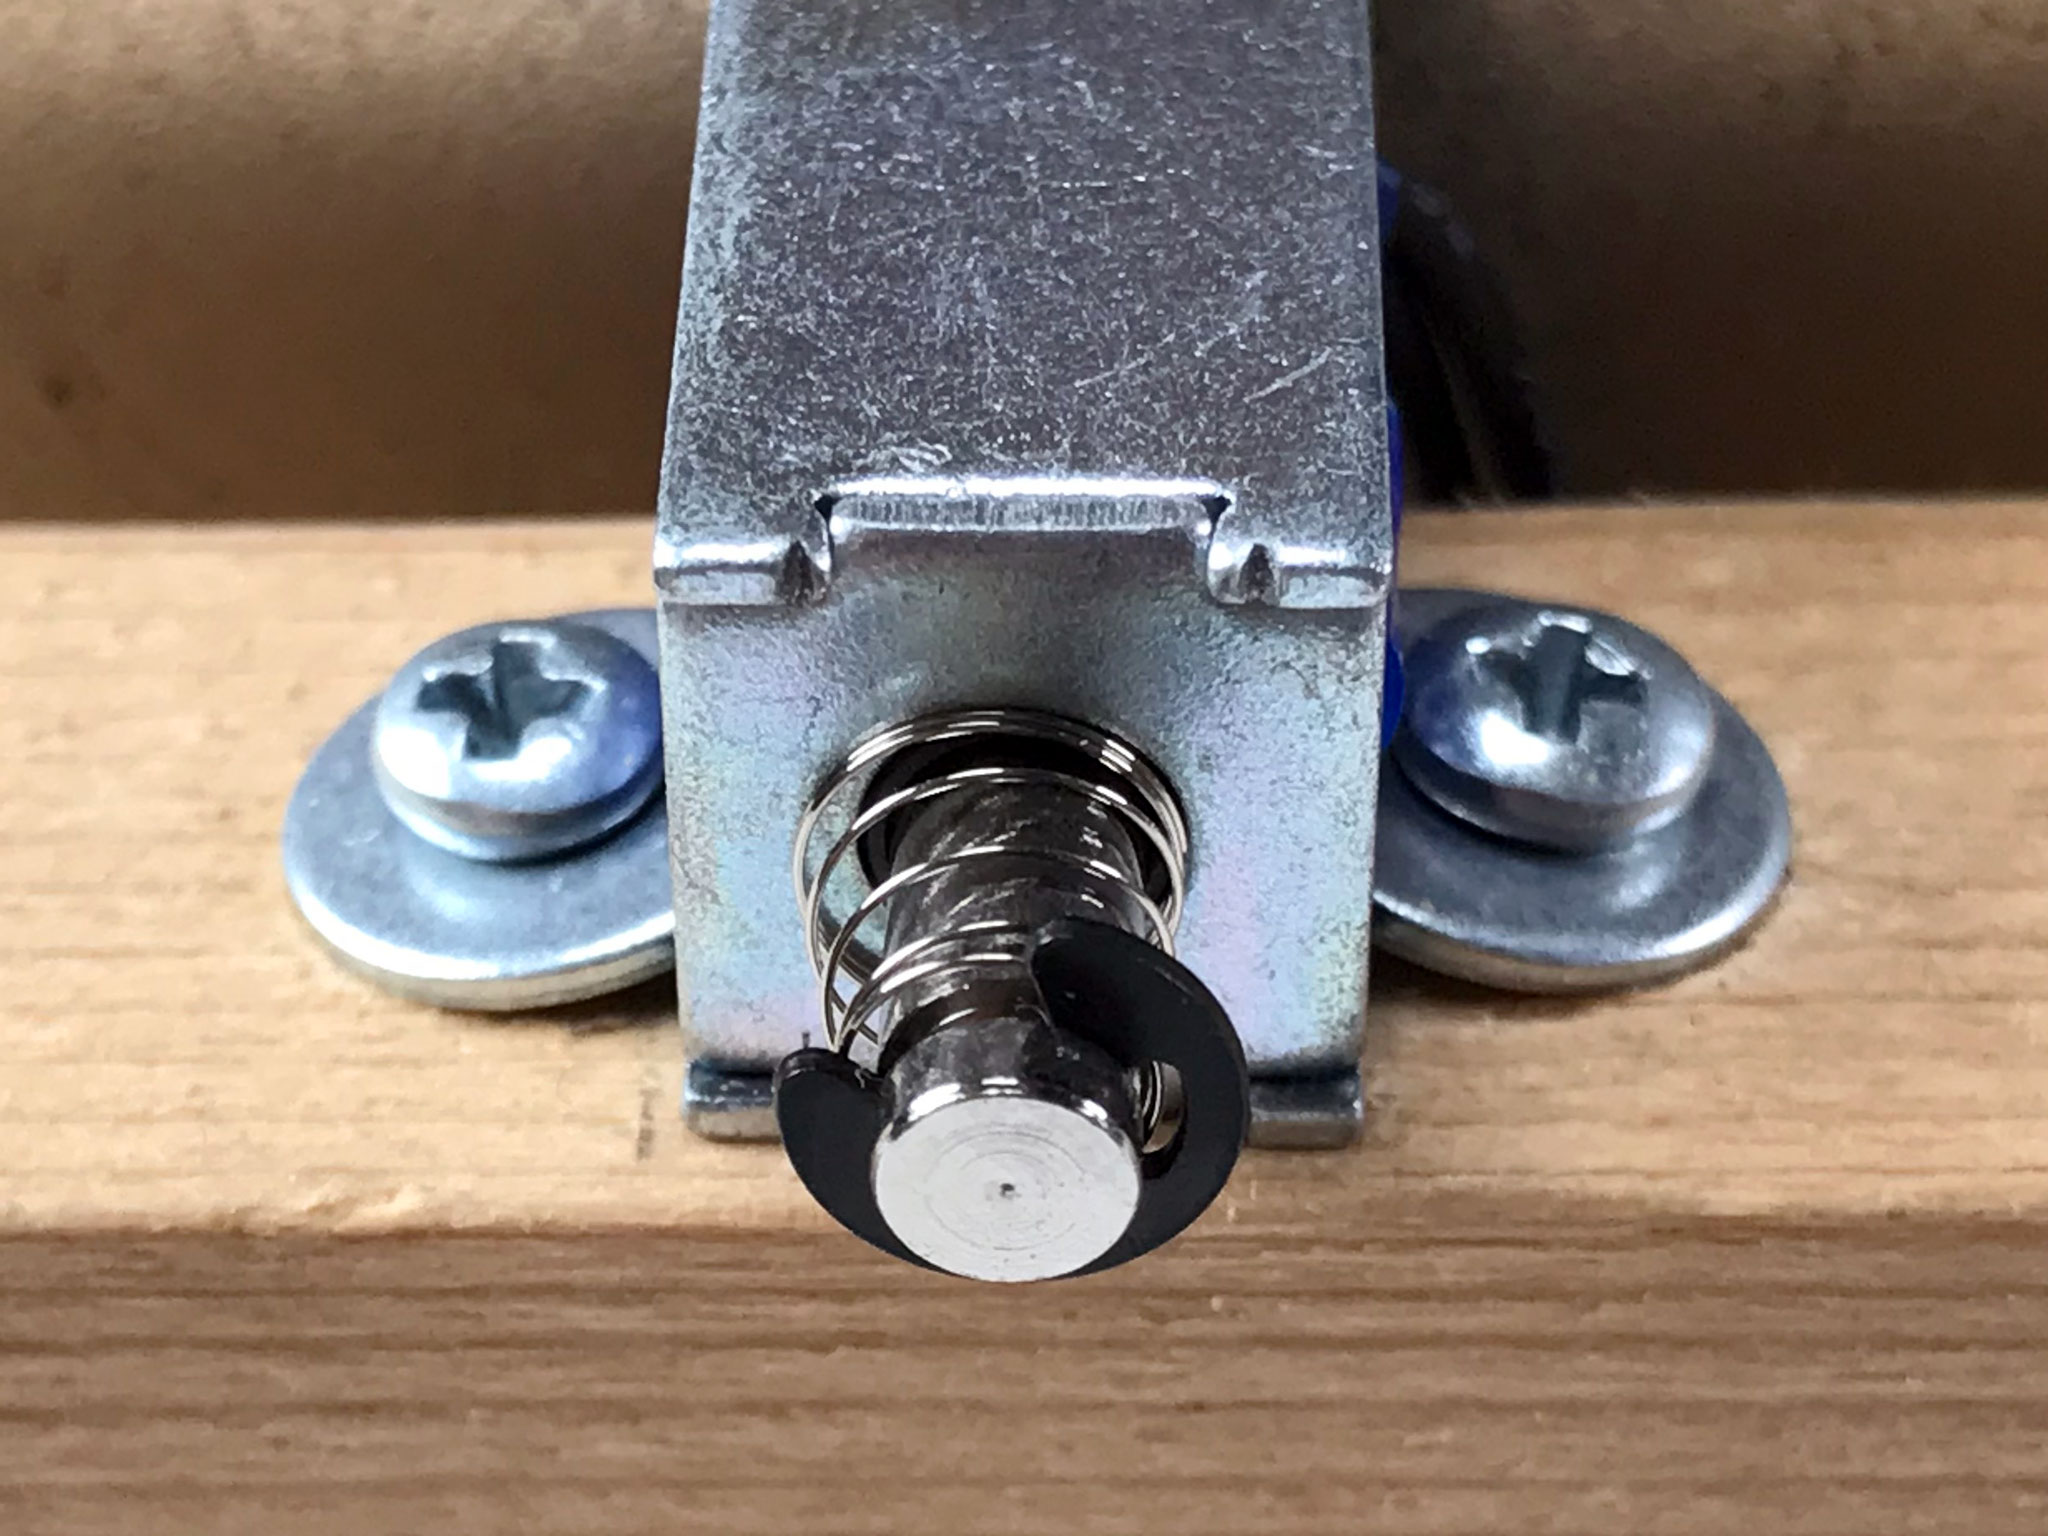 feather_boards_screw-mount2.jpg